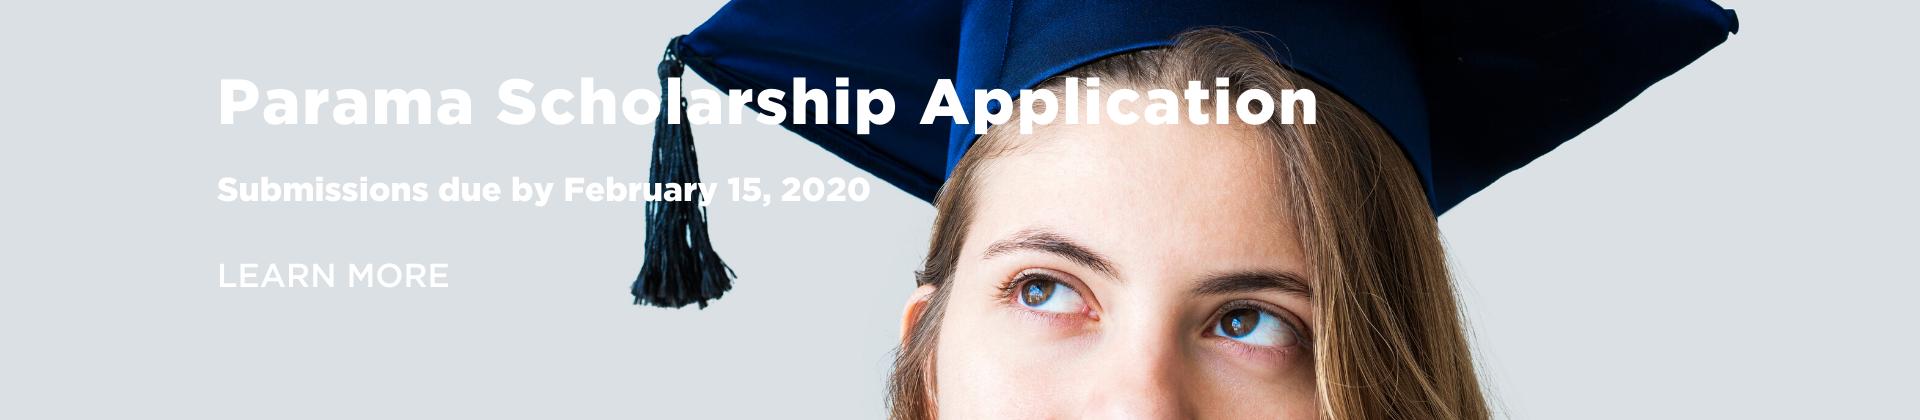 1920x420 - 2020 Parama Scholarship Carousel.png